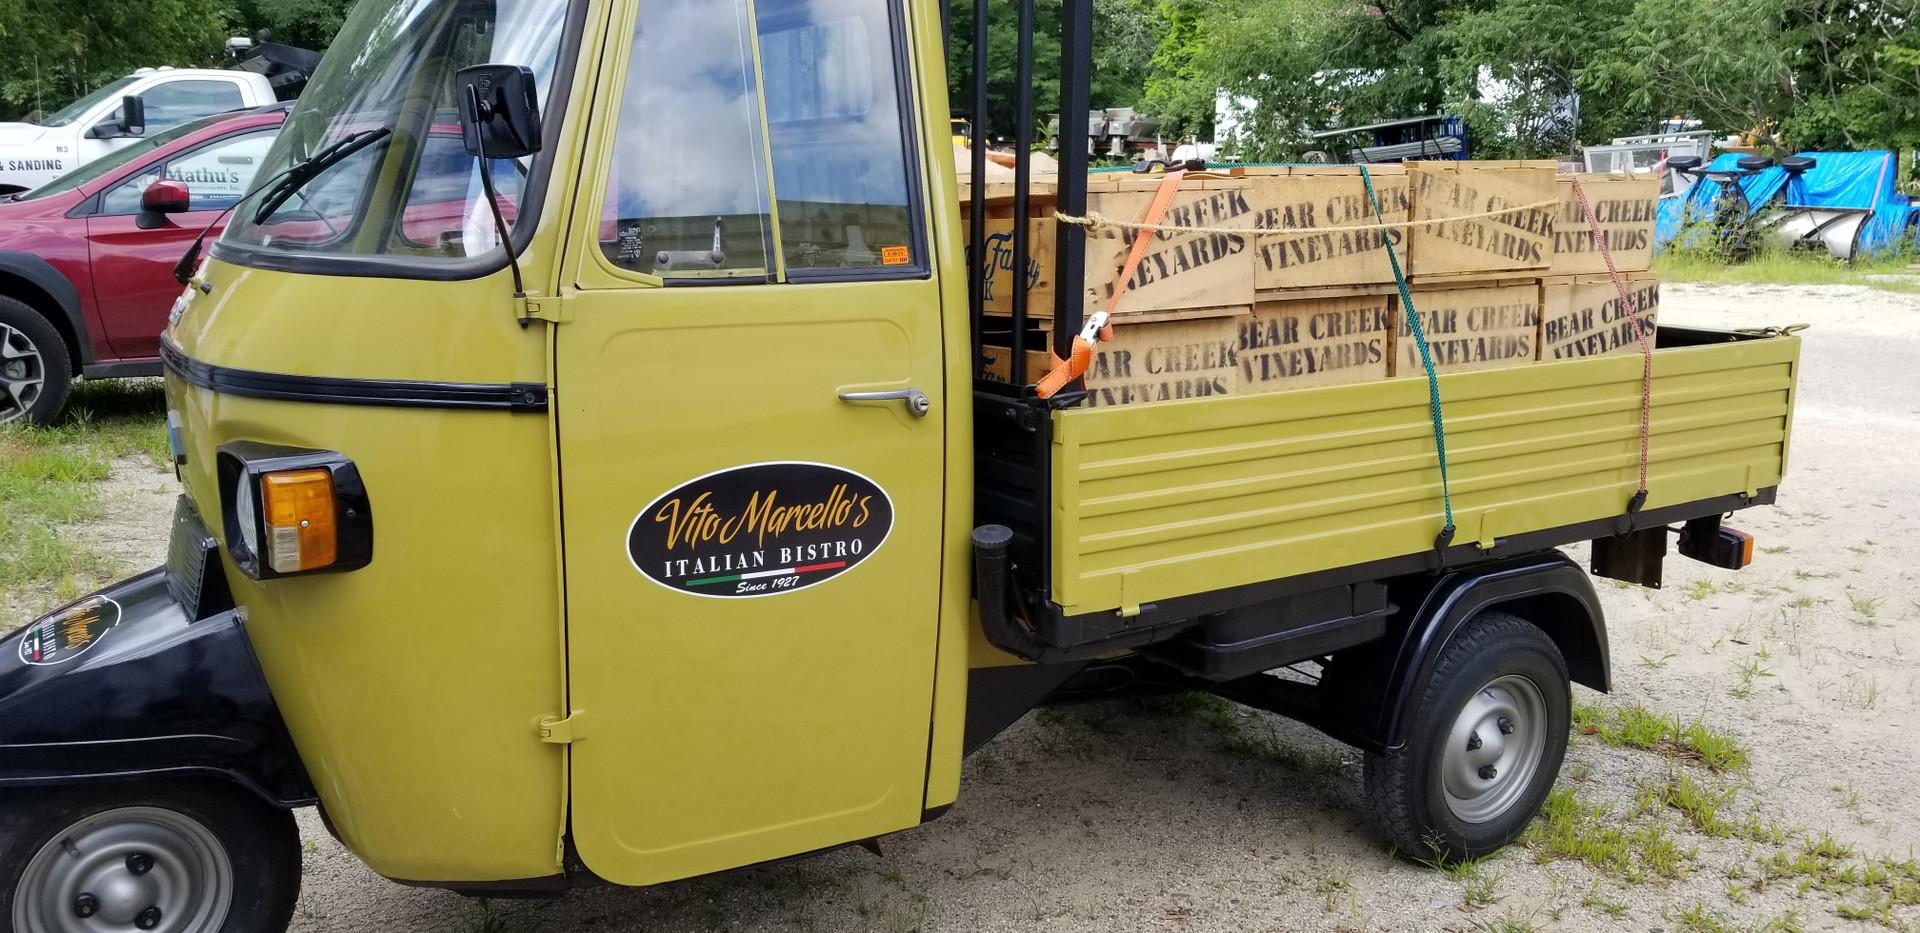 Vito truck 1 photo.jpg